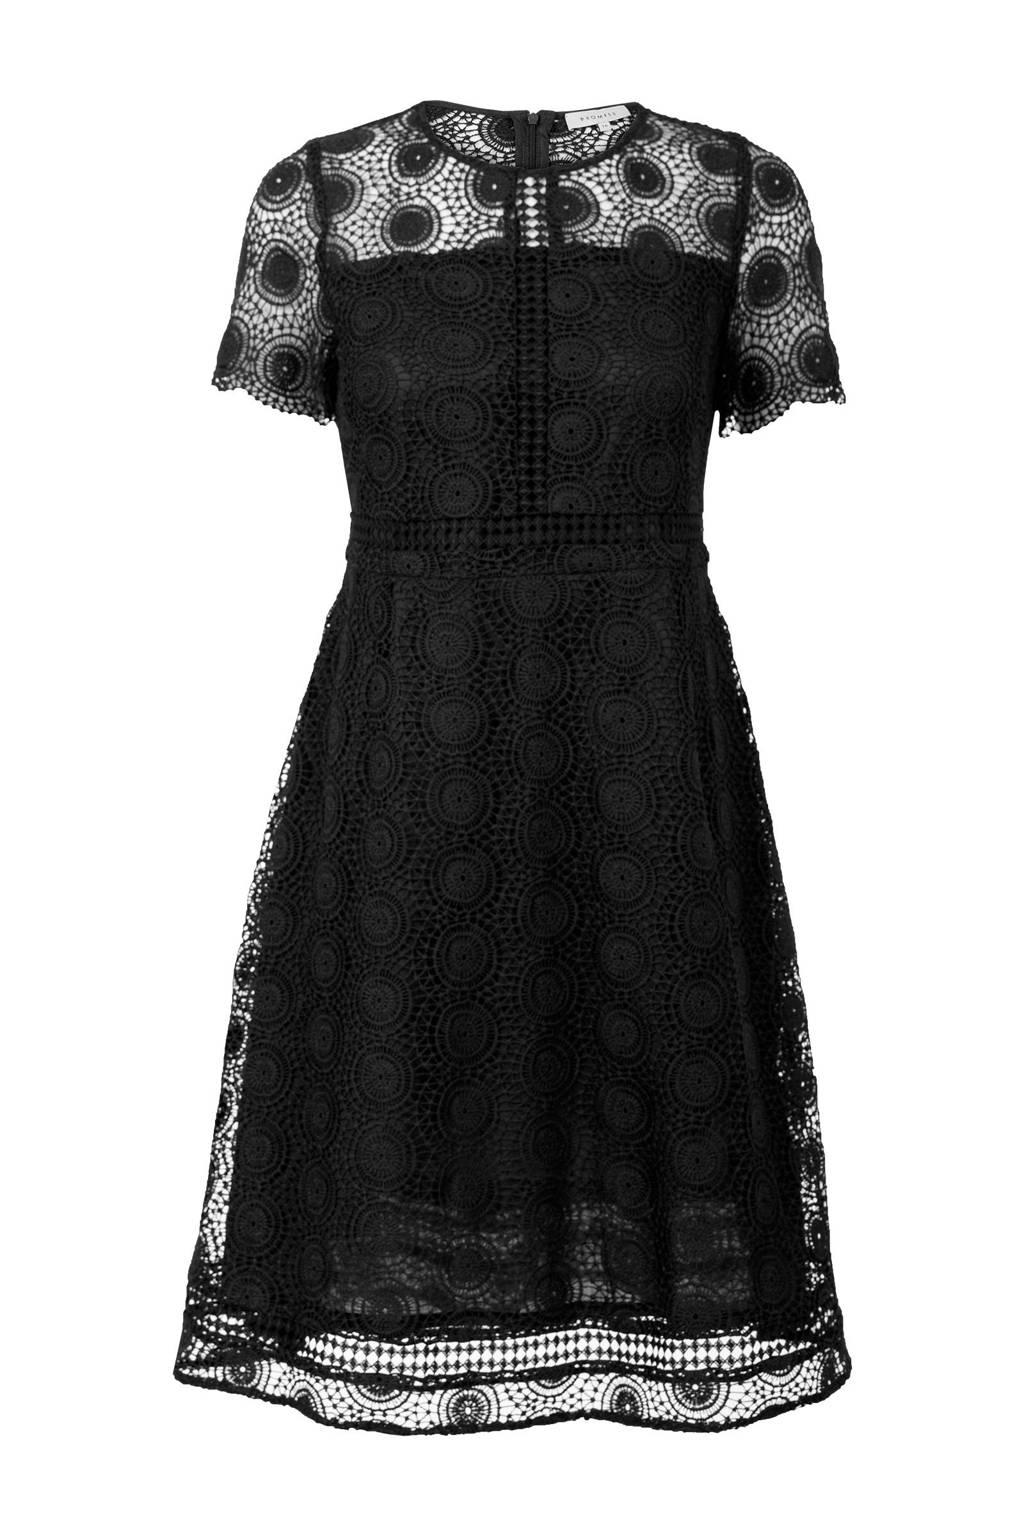 Promiss kanten jurk zwart, Zwart